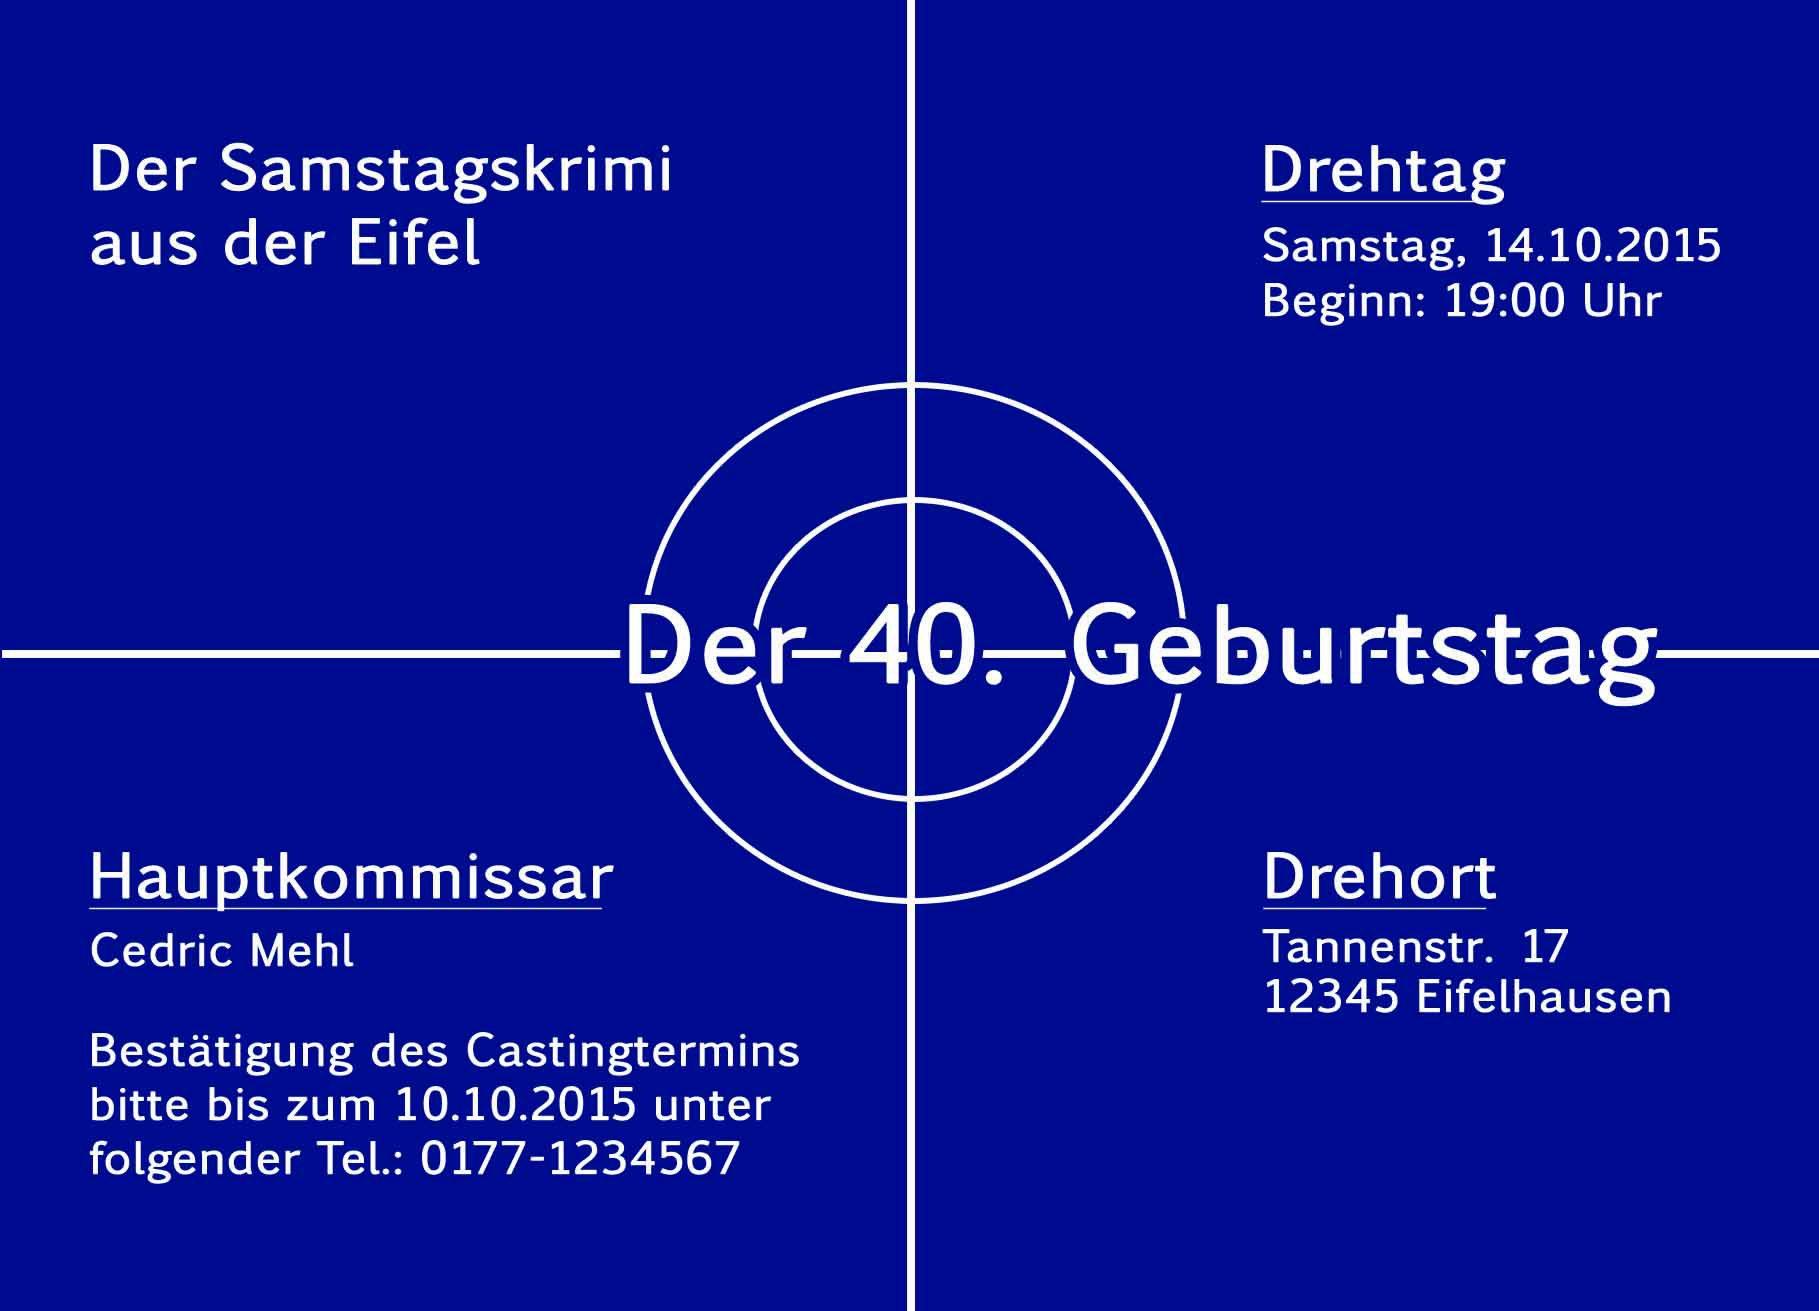 Related Image For 40 Geburtstag Einladung Kostenlos 1024×1024